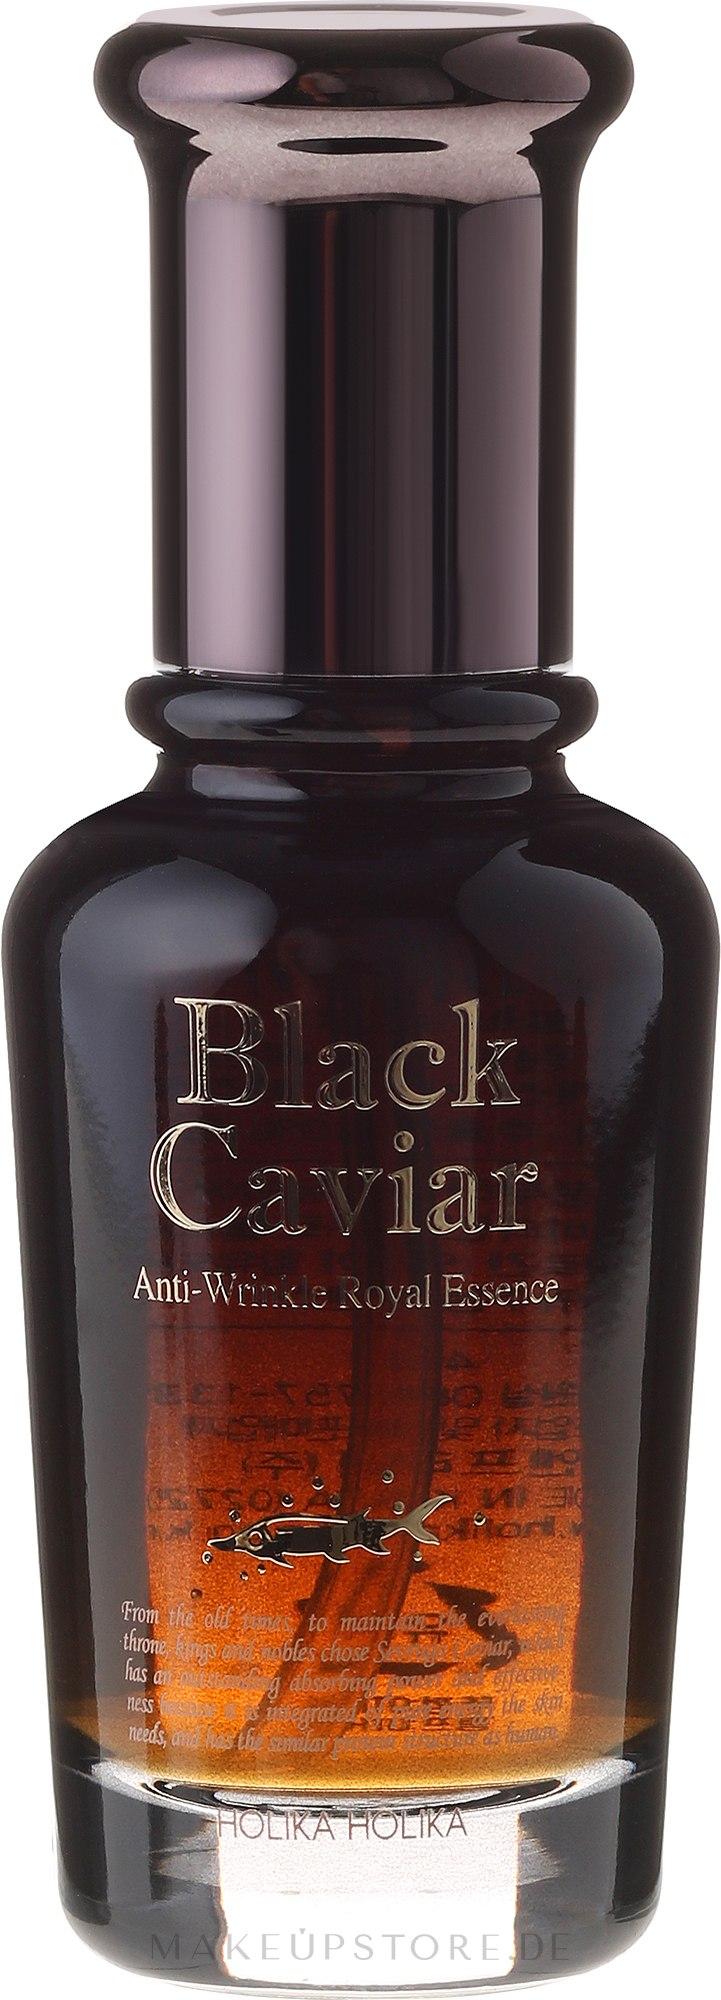 Anti-Aging Essenz für das Gesicht mit schwarzem Kaviar Extrakt - Holika Holika Black Caviar Anti-Wrinkle Royal Essence — Bild 45 ml